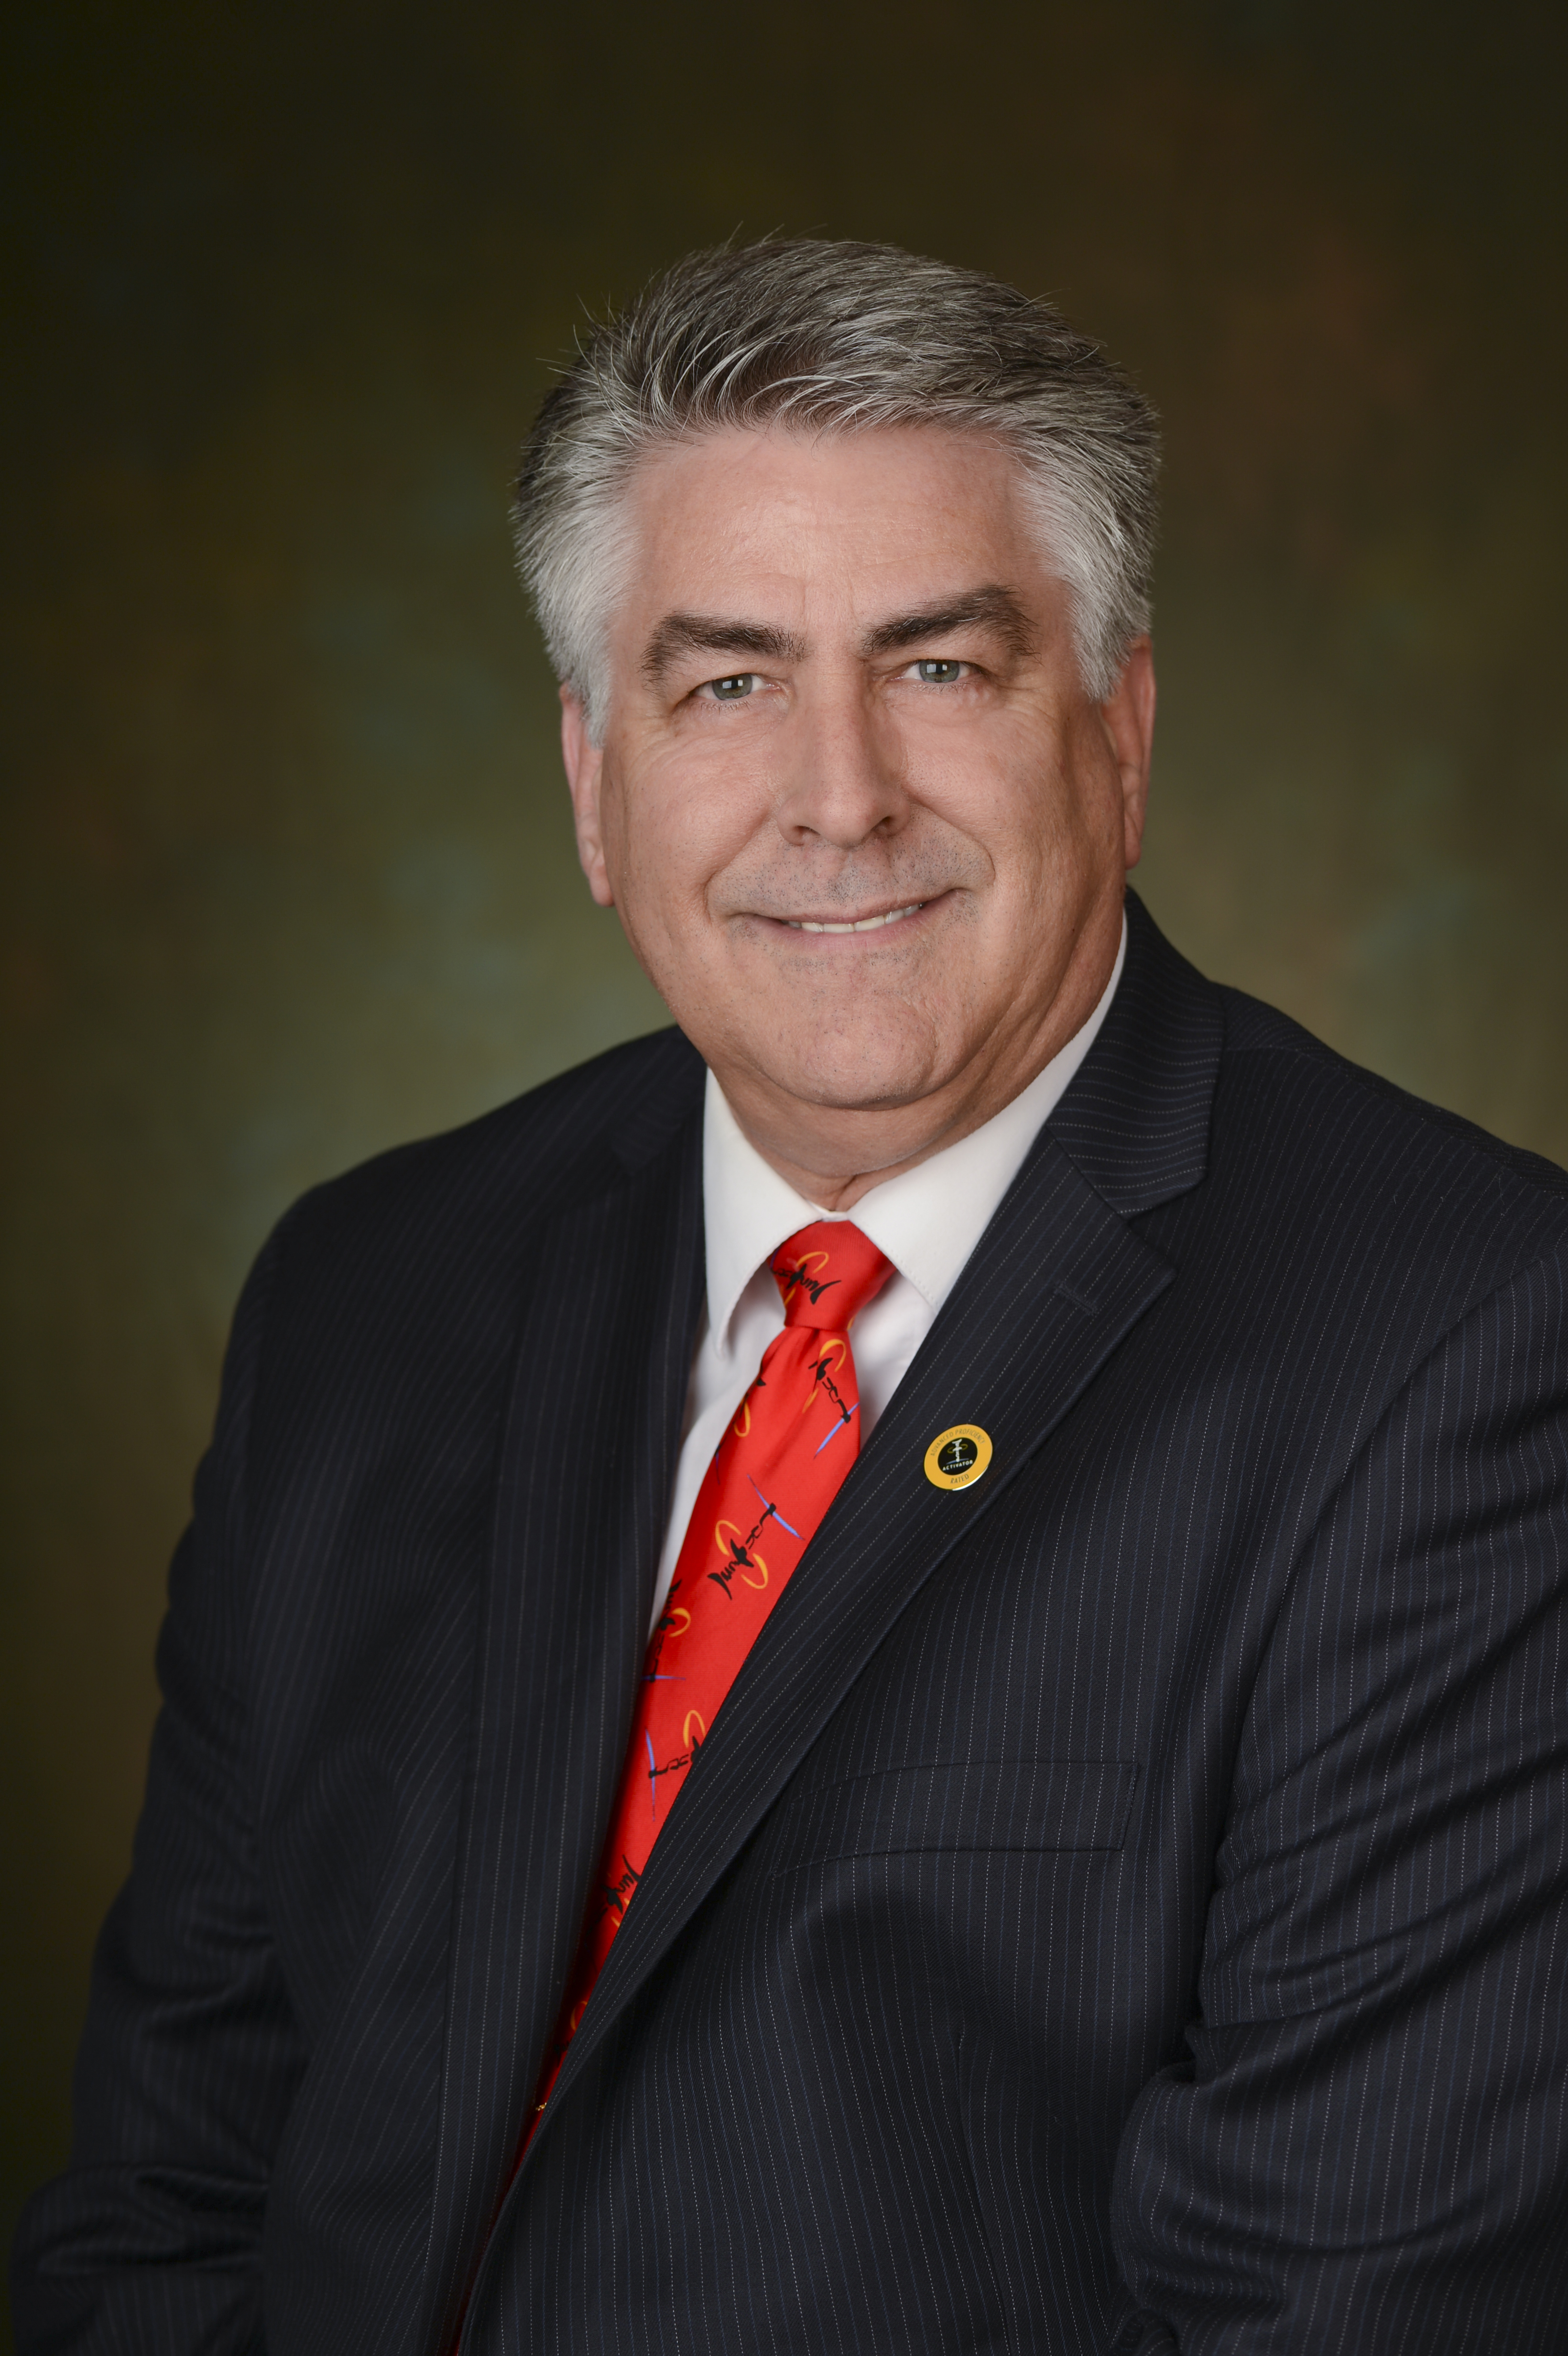 Dr. Gary R. Gaulin